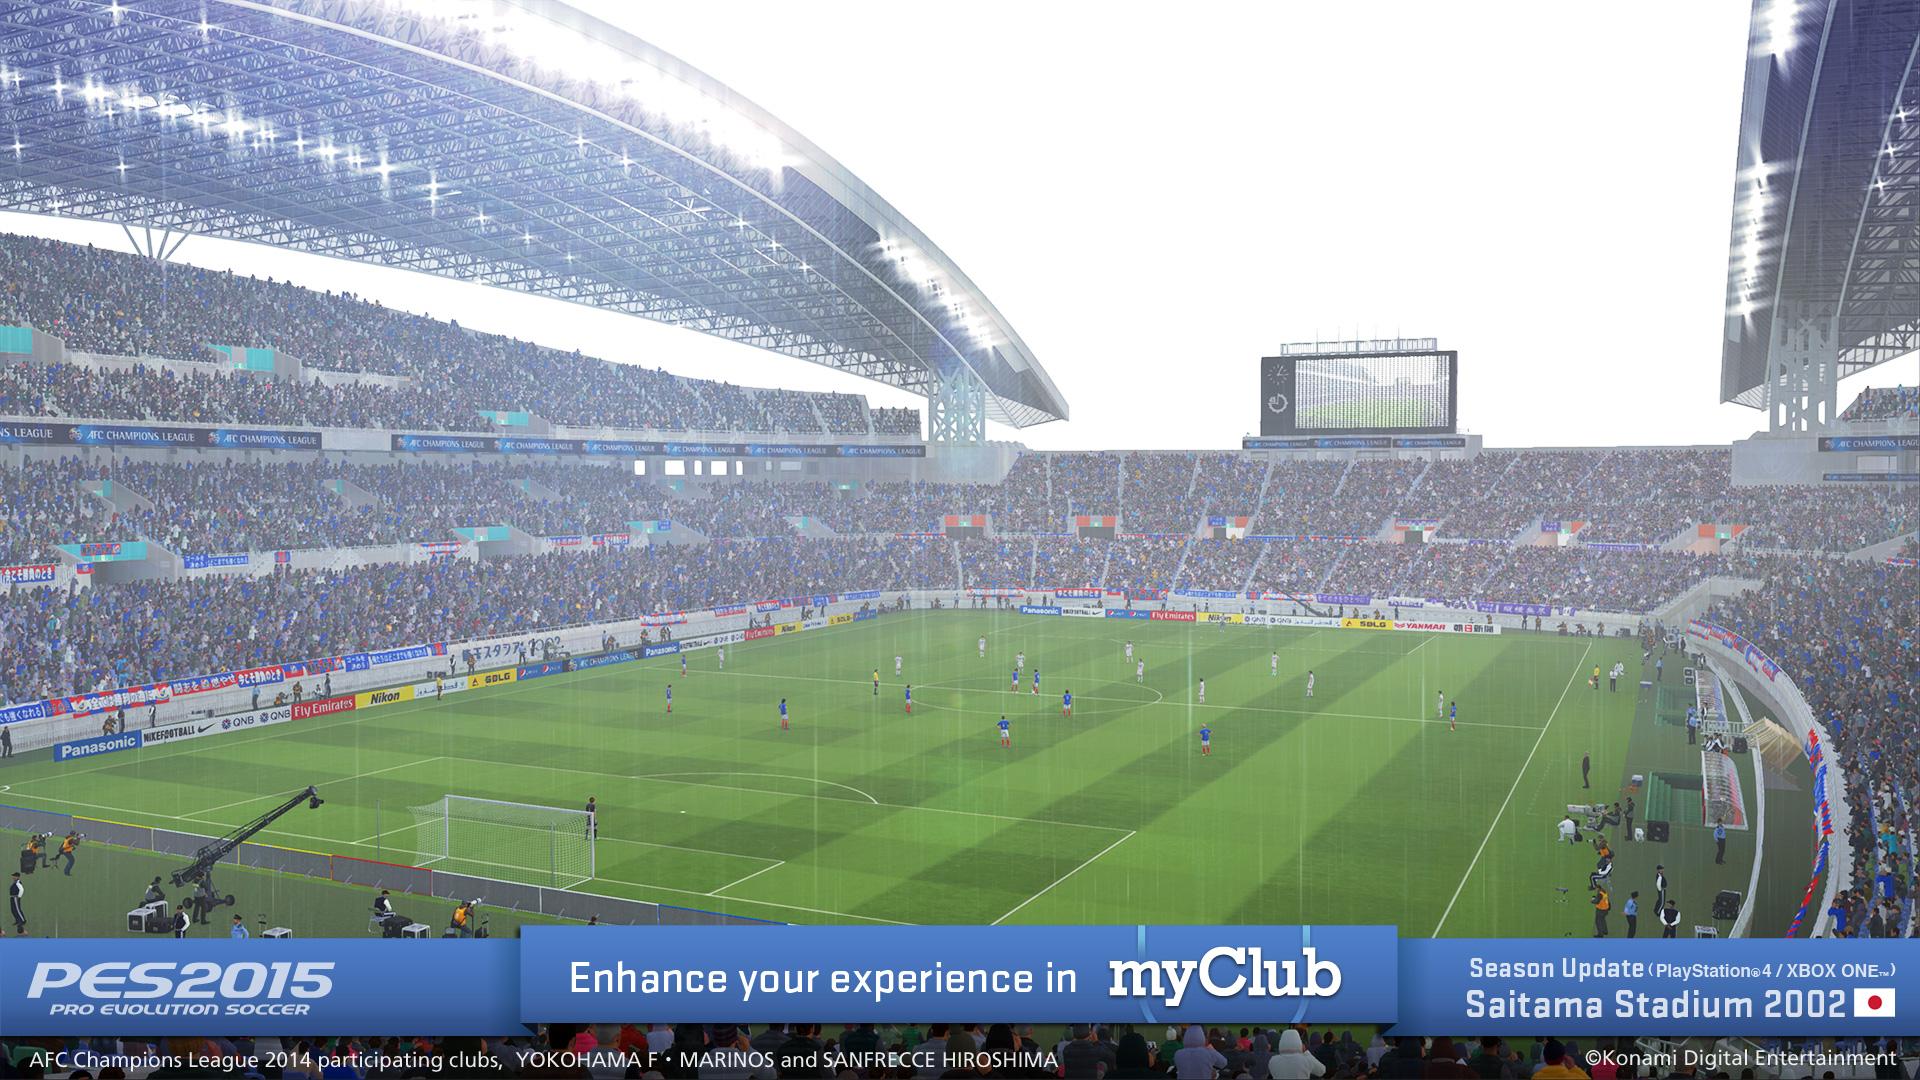 حمل لعبة كرة القدم أخر اصدار روابط خفيفة PES 2015 1418738604-7077-capture-d-ecran